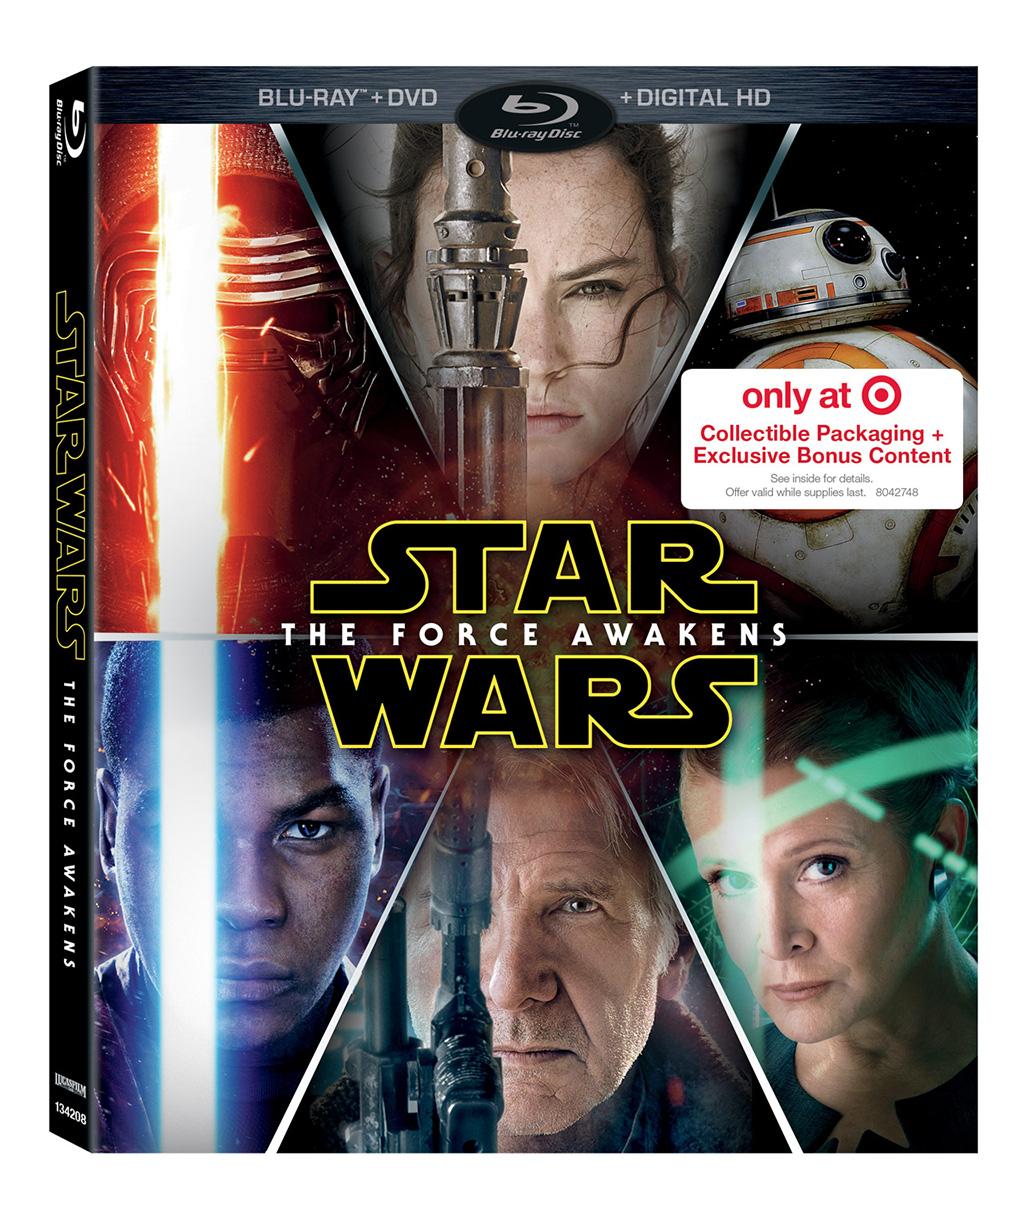 Blu-ray-Star Wars El Despertar de la Fuerza Target